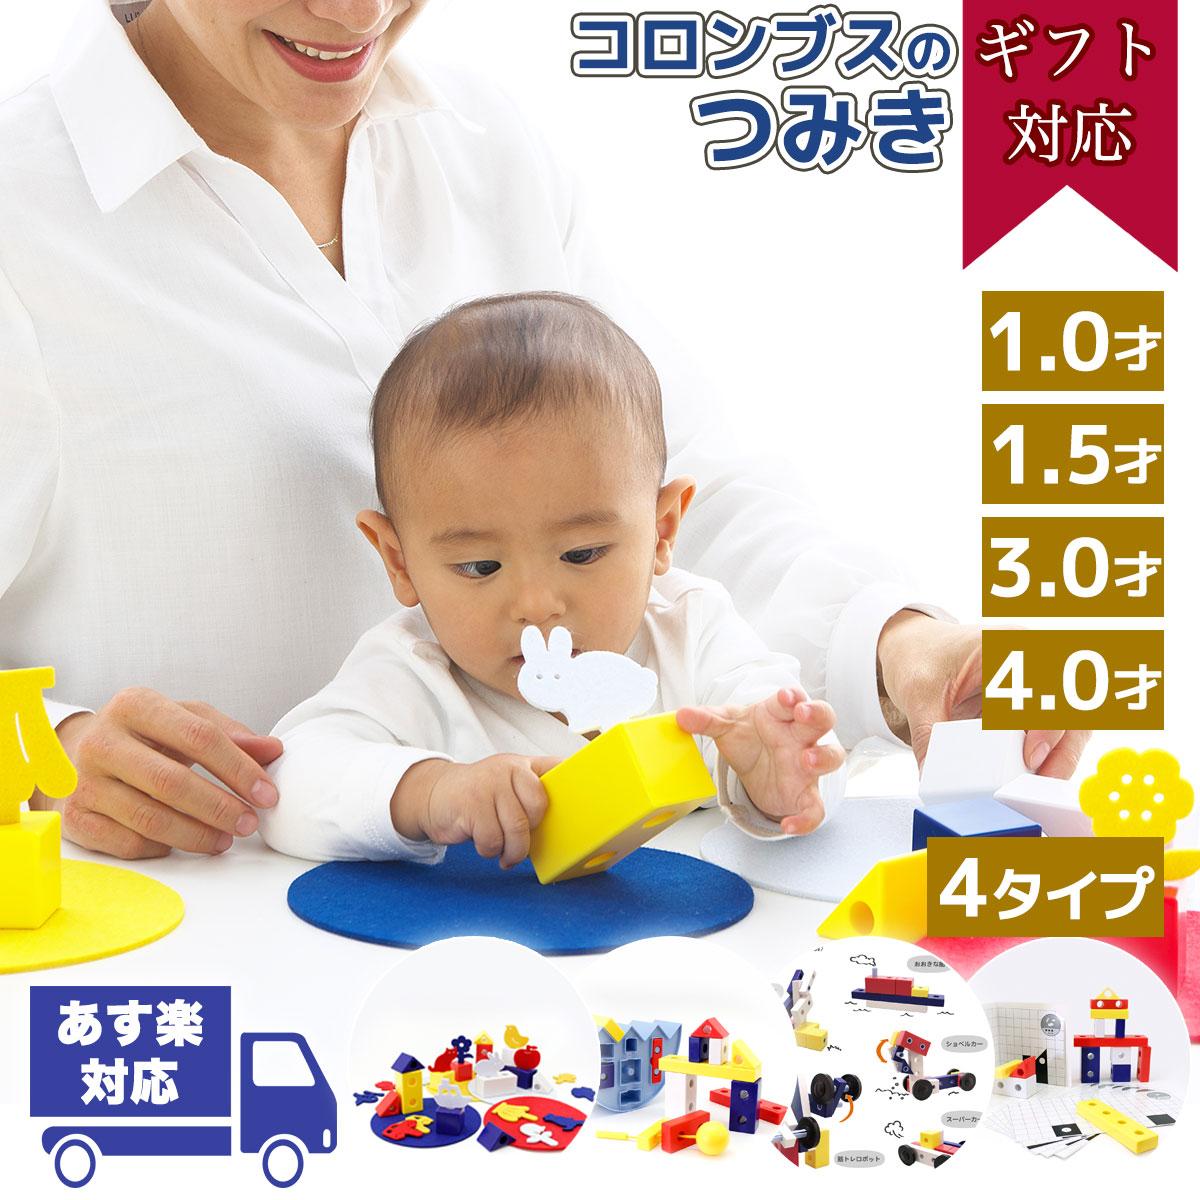 1歳からの想像力を育む知育玩具。年齢別に遊び方が変えられる 【最大10%オフクーポン~10日26時】コロンブスのつみき シャオール | モンテッソーリ 積み木 ブロック ハンマー 3Dパズル | 積木 つみき 紐通し 型はめ 大工 新生児 幼児 1歳 2歳 3歳 4歳 おもちゃ オモチャ 型はめパズル 組み立て玩具 室内 男の子 女の子 敬老の日